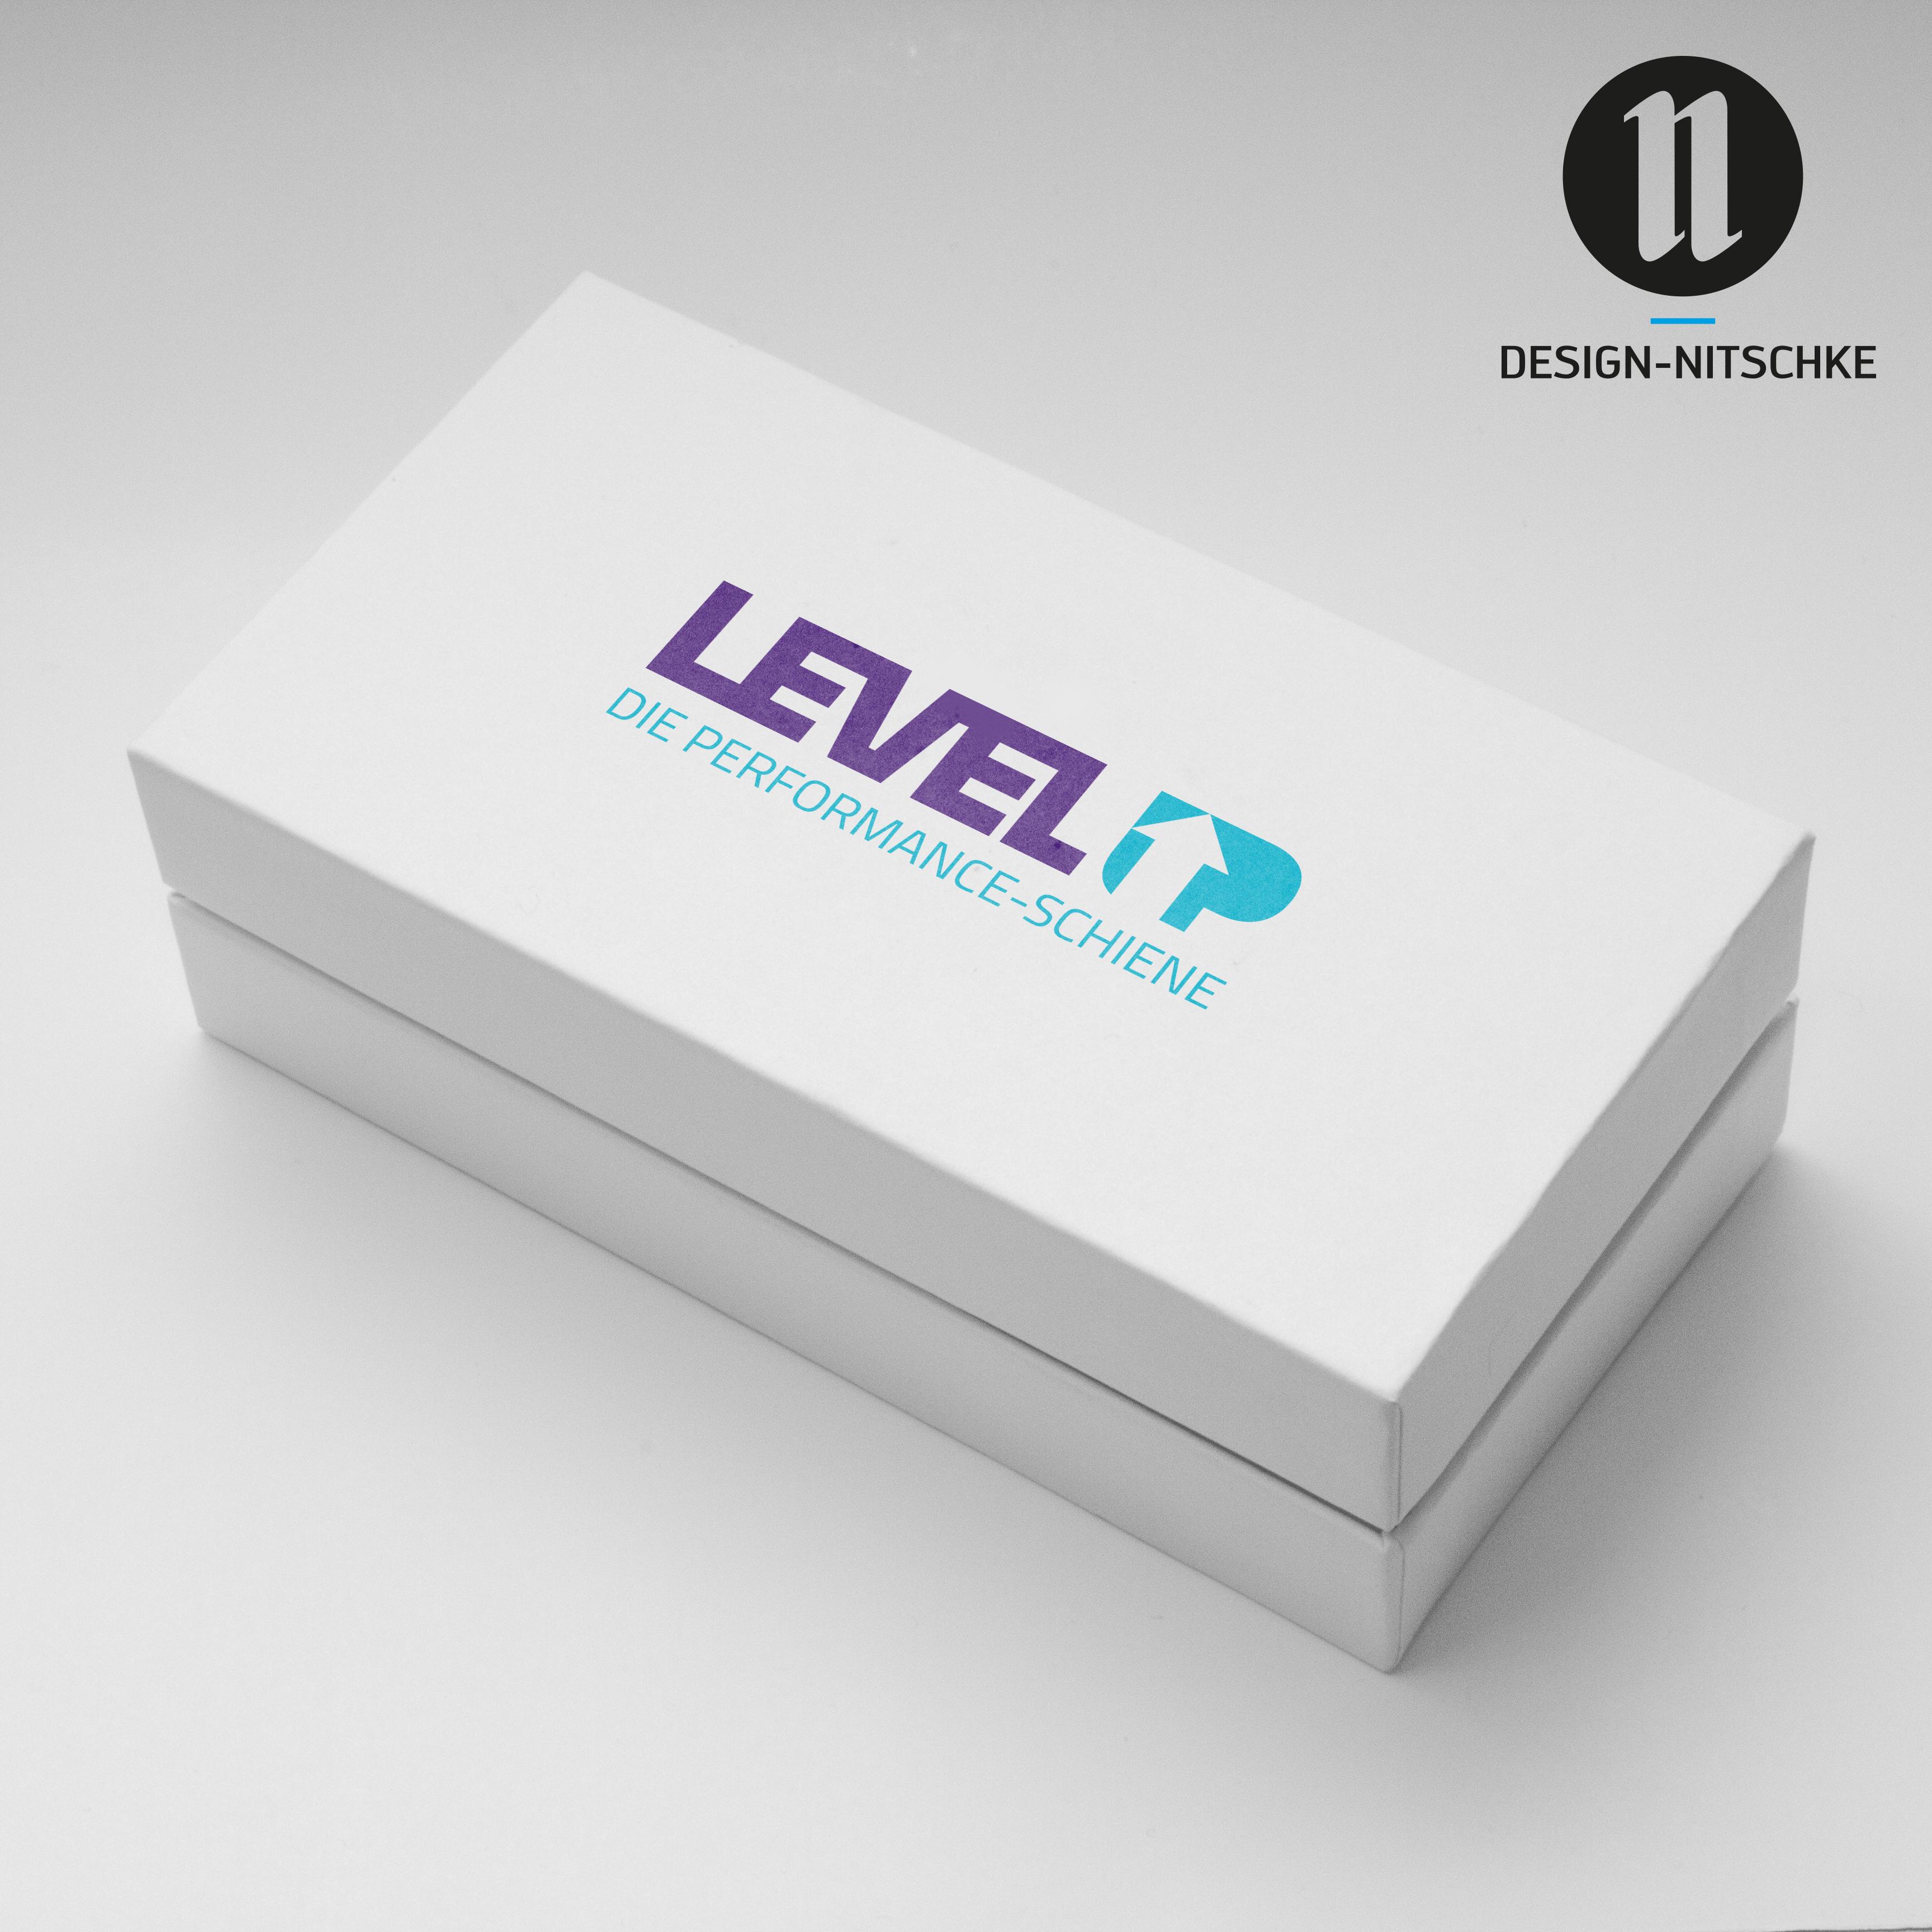 lila_weiss_grau_werbeagentur_oranienburg_design_logo_nitschke.jpg